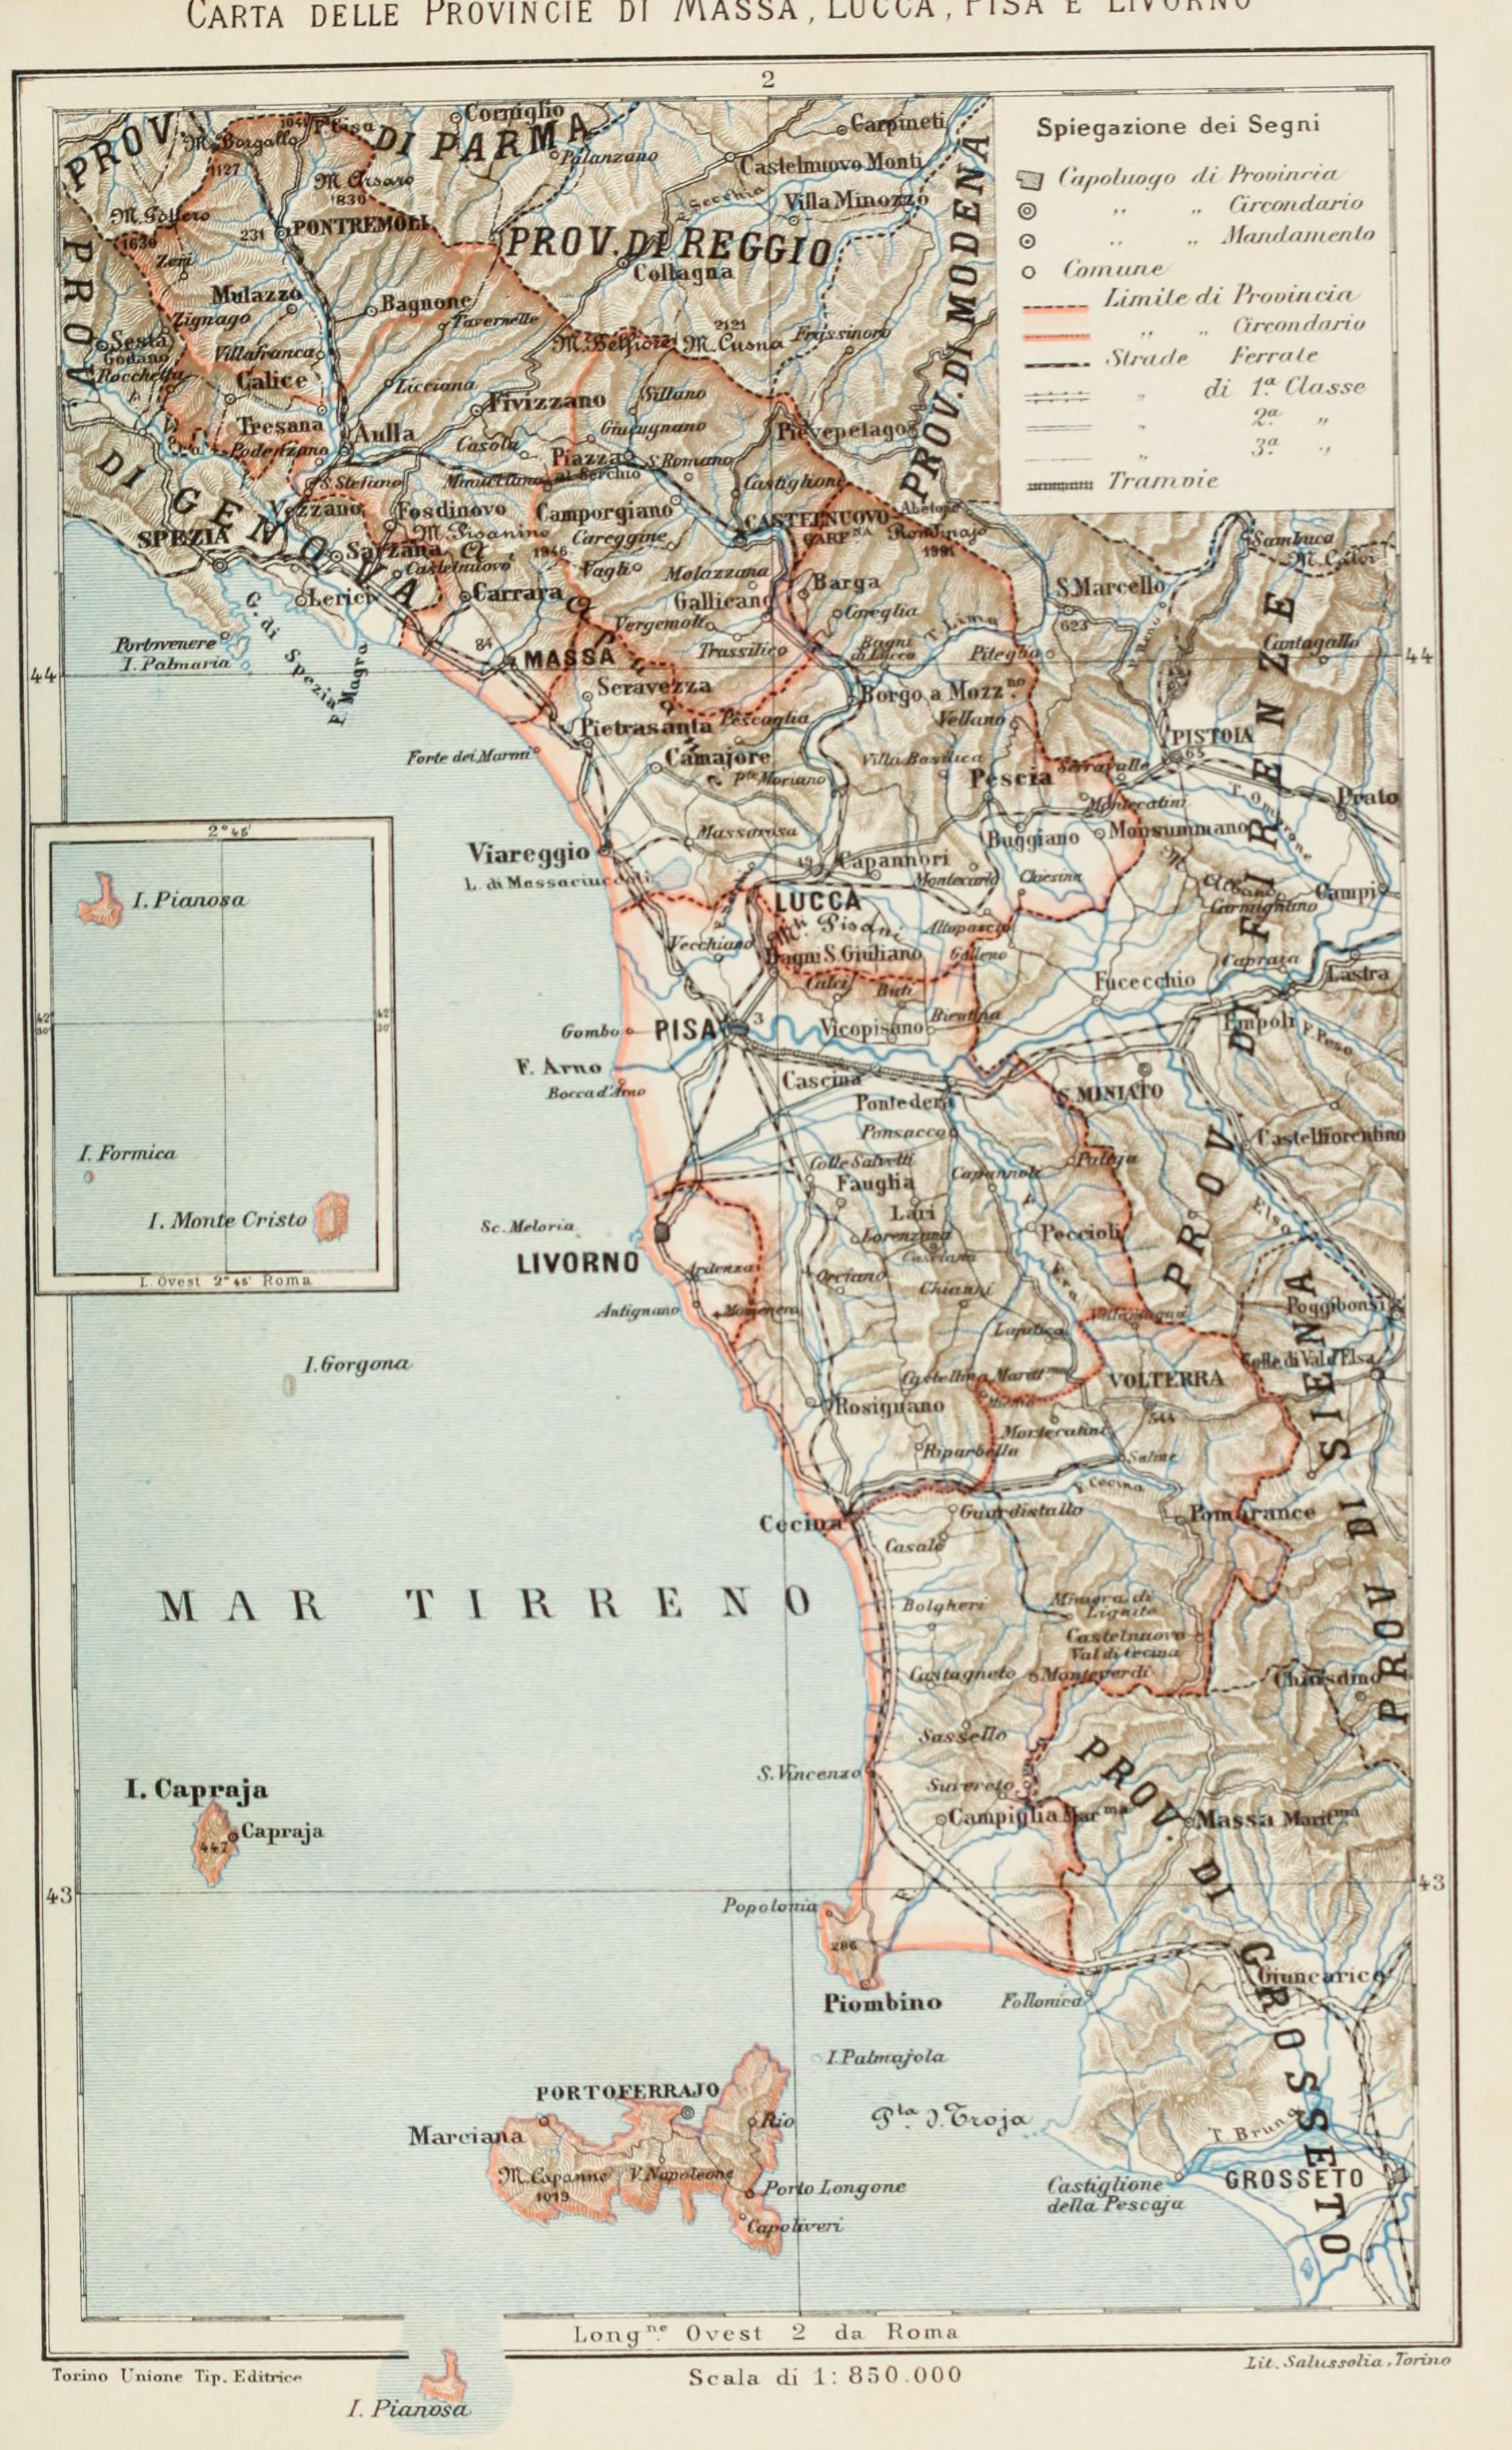 Cartina Italia Lucca.File Carta Delle Provincie Di Massa Lucca Pisa E Livorno 1896 Jpg Wikimedia Commons